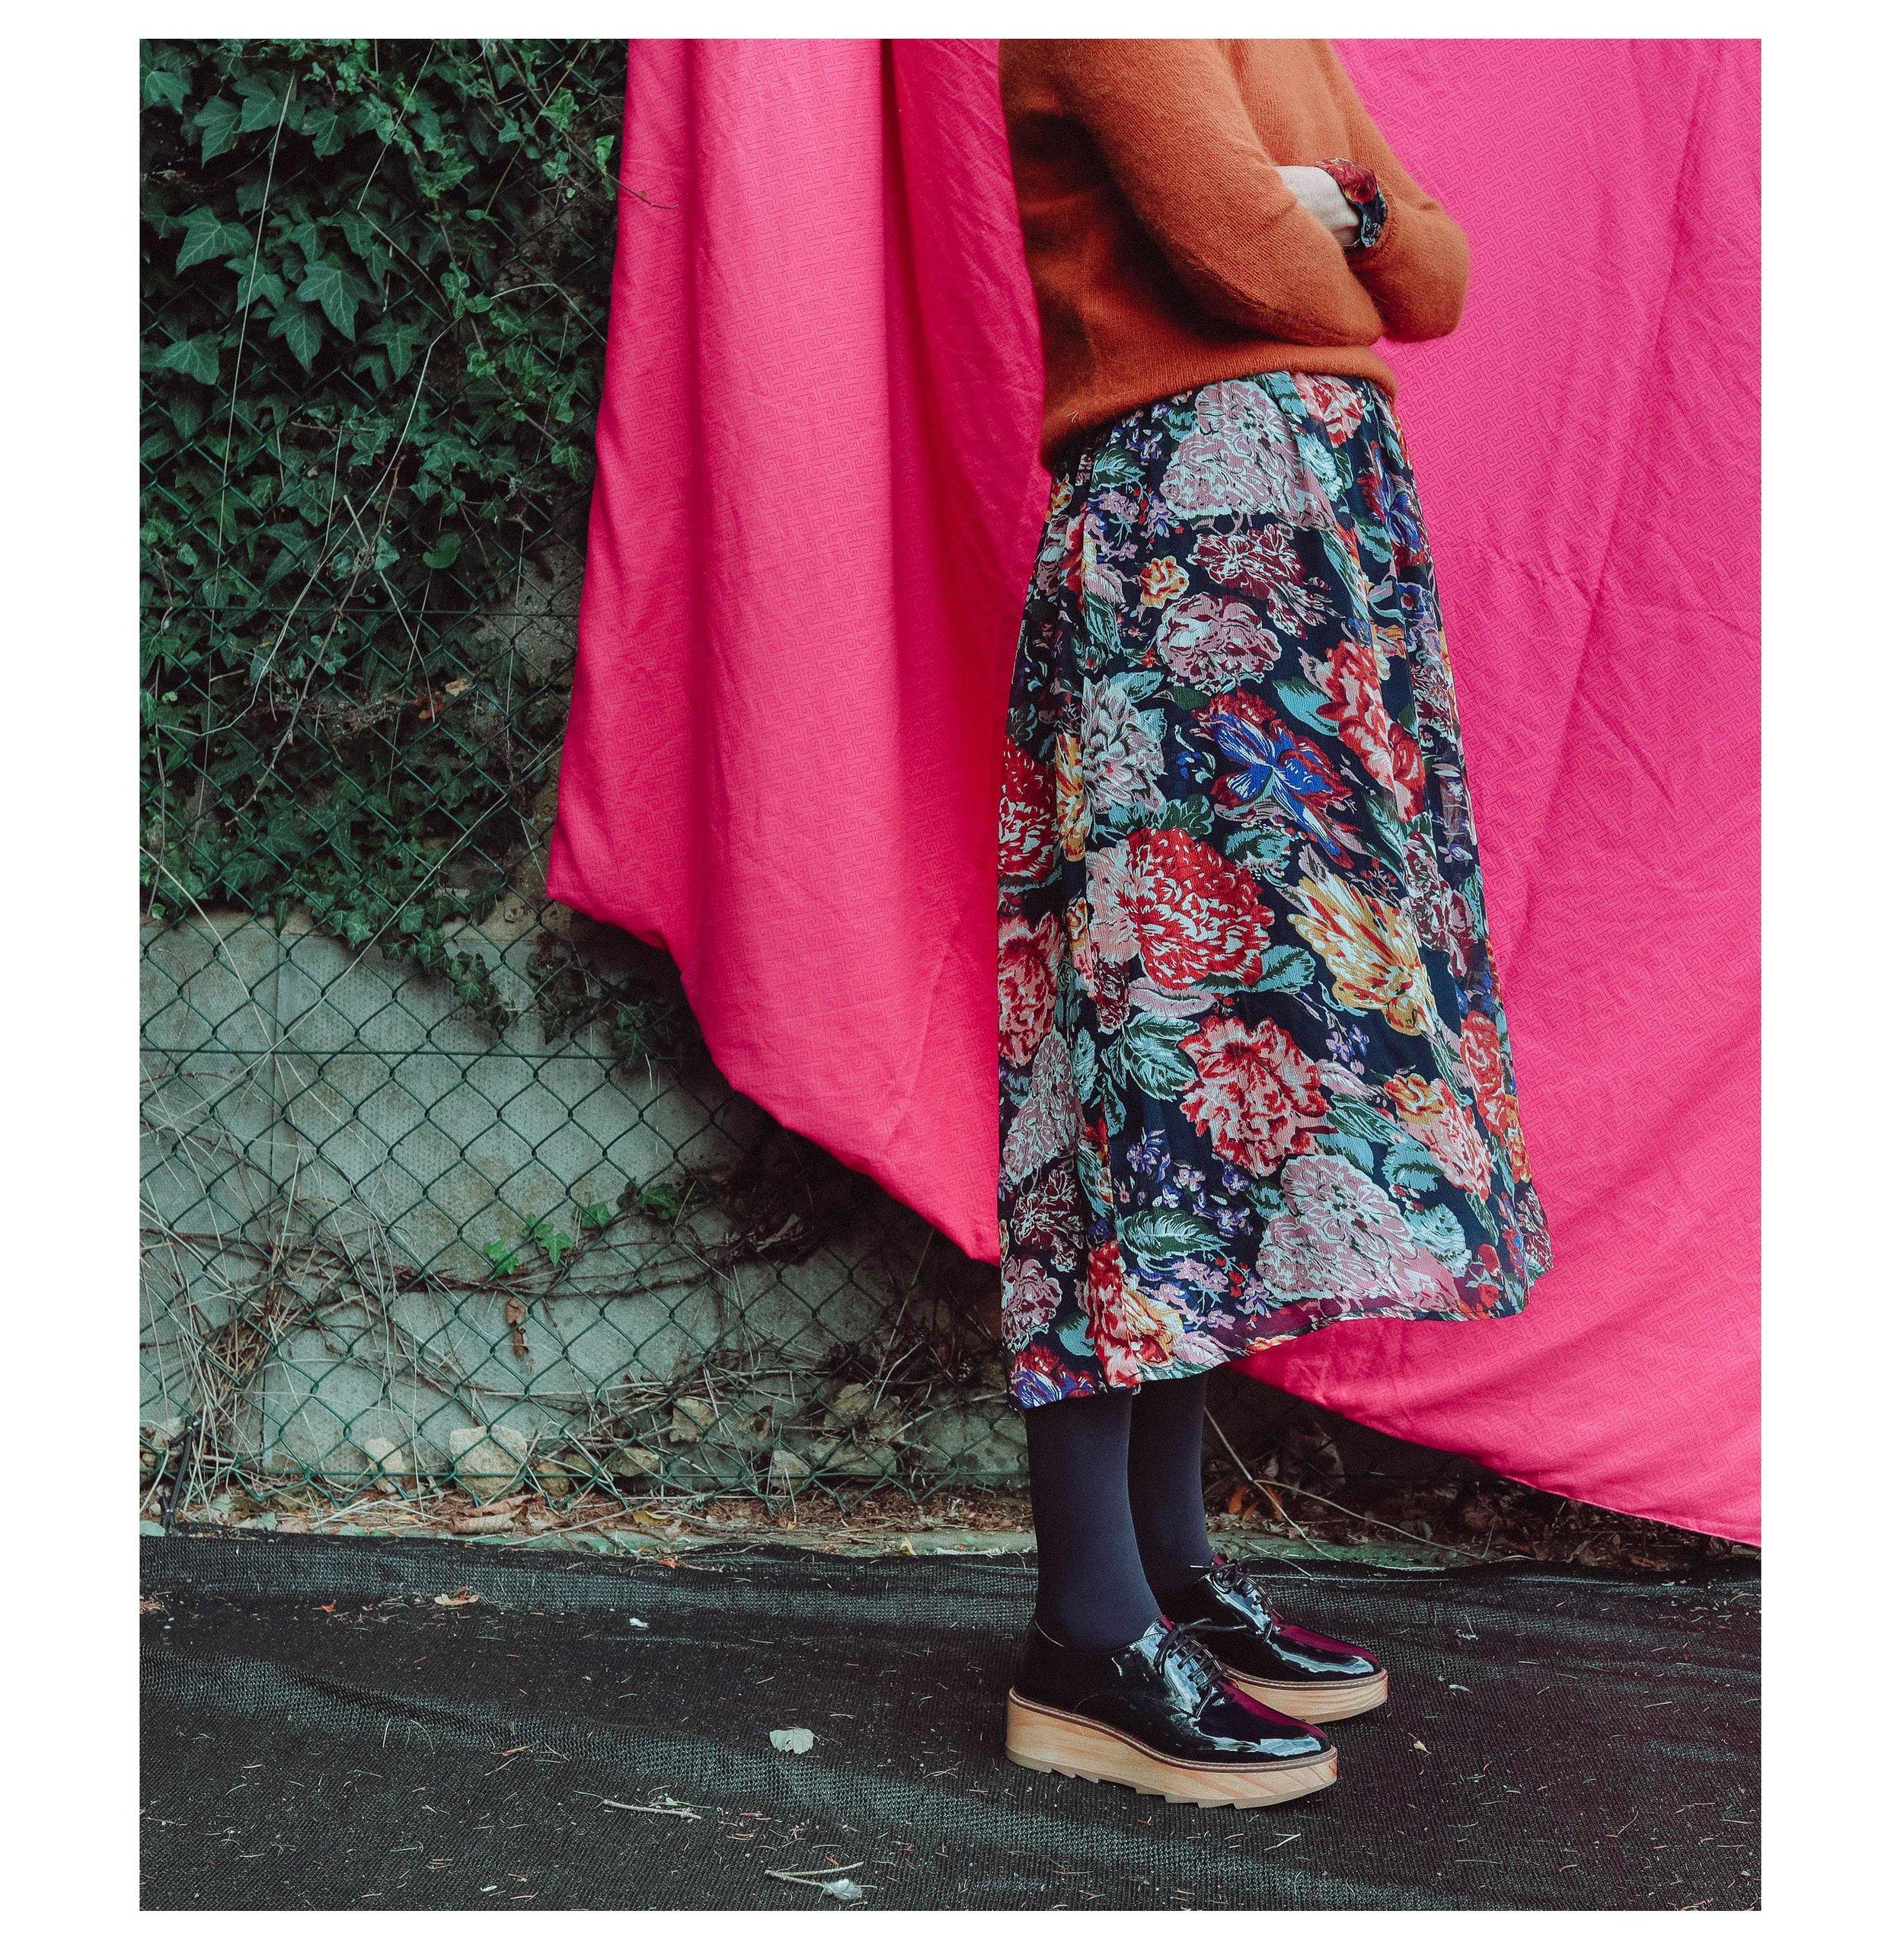 Print-dress-11.jpg